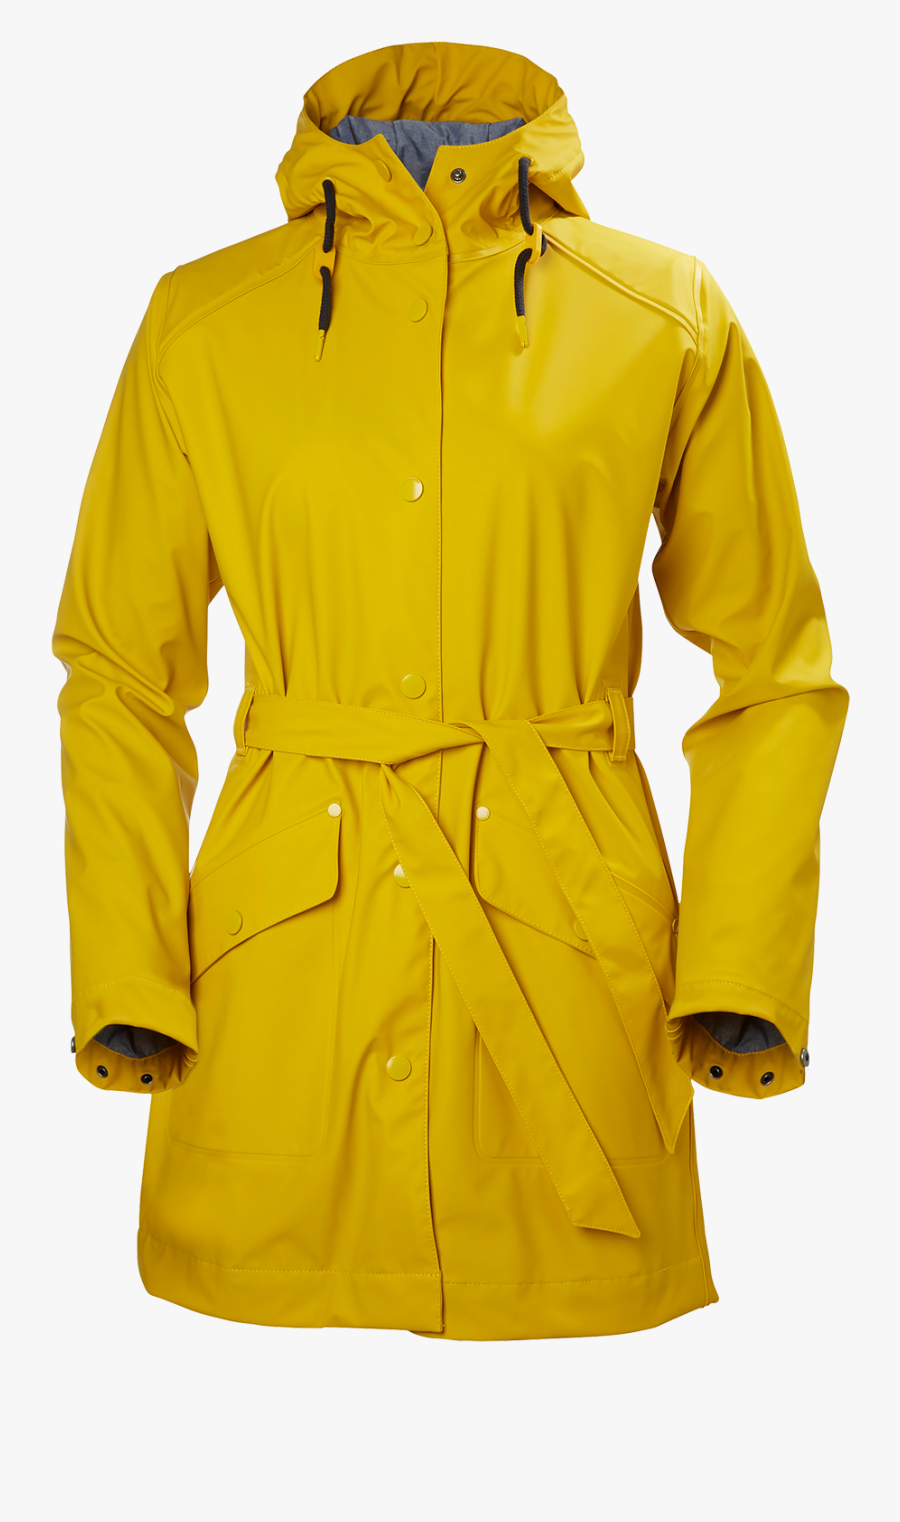 Women Rain Coats Helly Hansen, Transparent Clipart